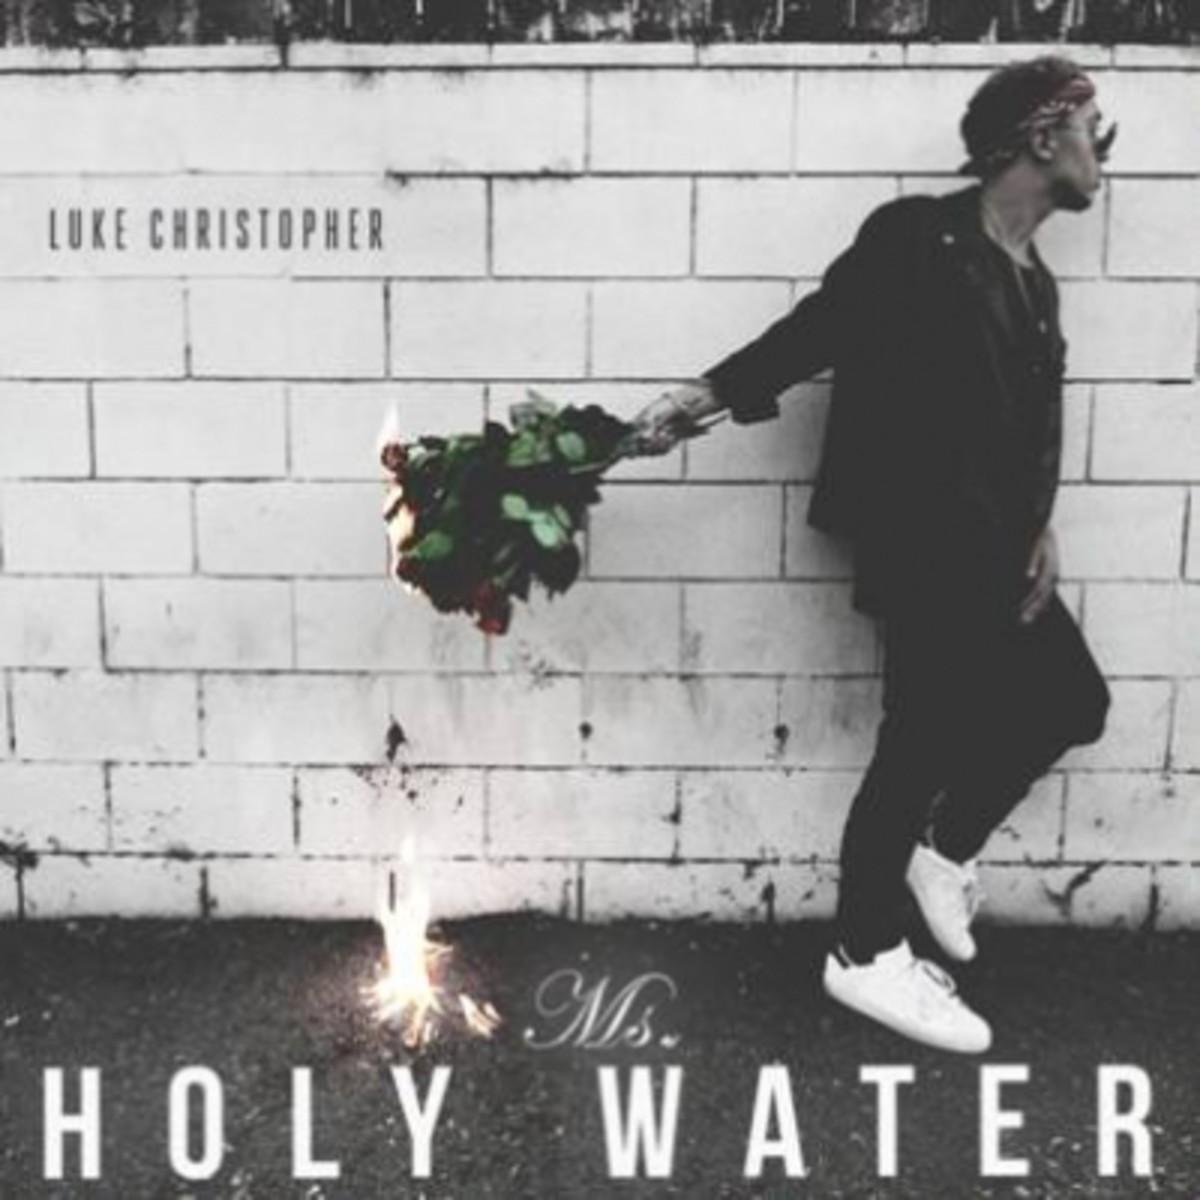 luke-christopher-ms-holy-water.jpg